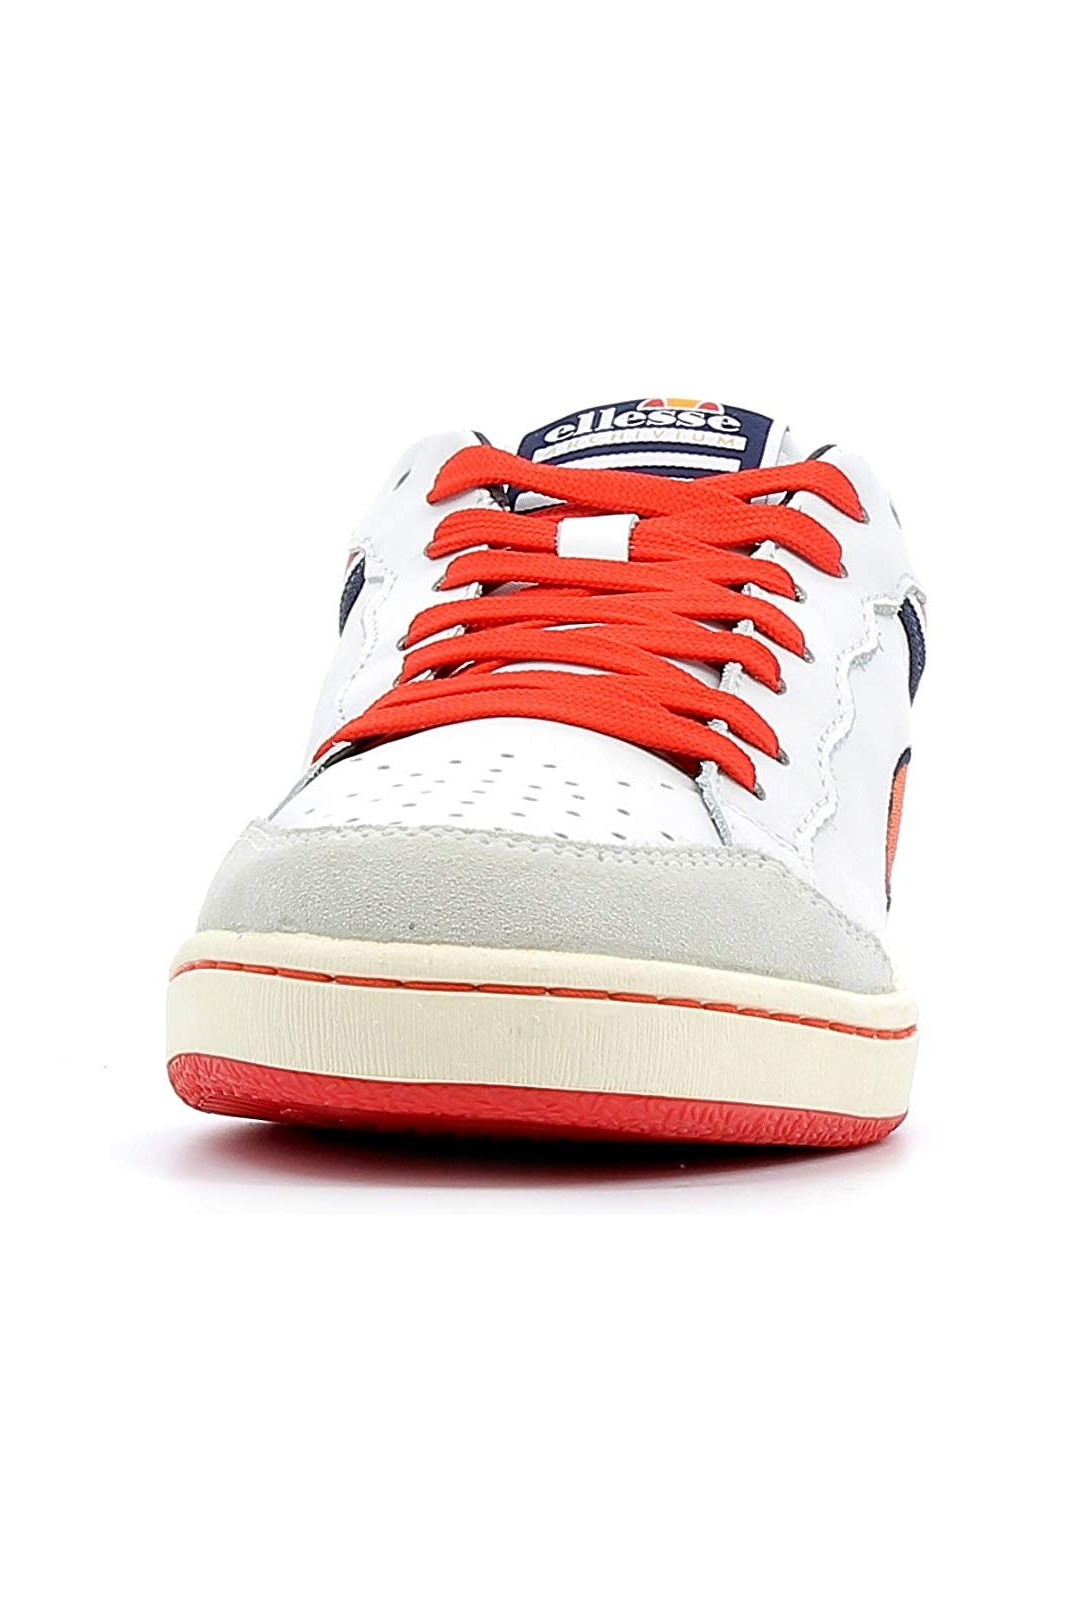 Baskets / Sport  Ellesse EL814468 H 02 WHITE / DEEP SCARLET